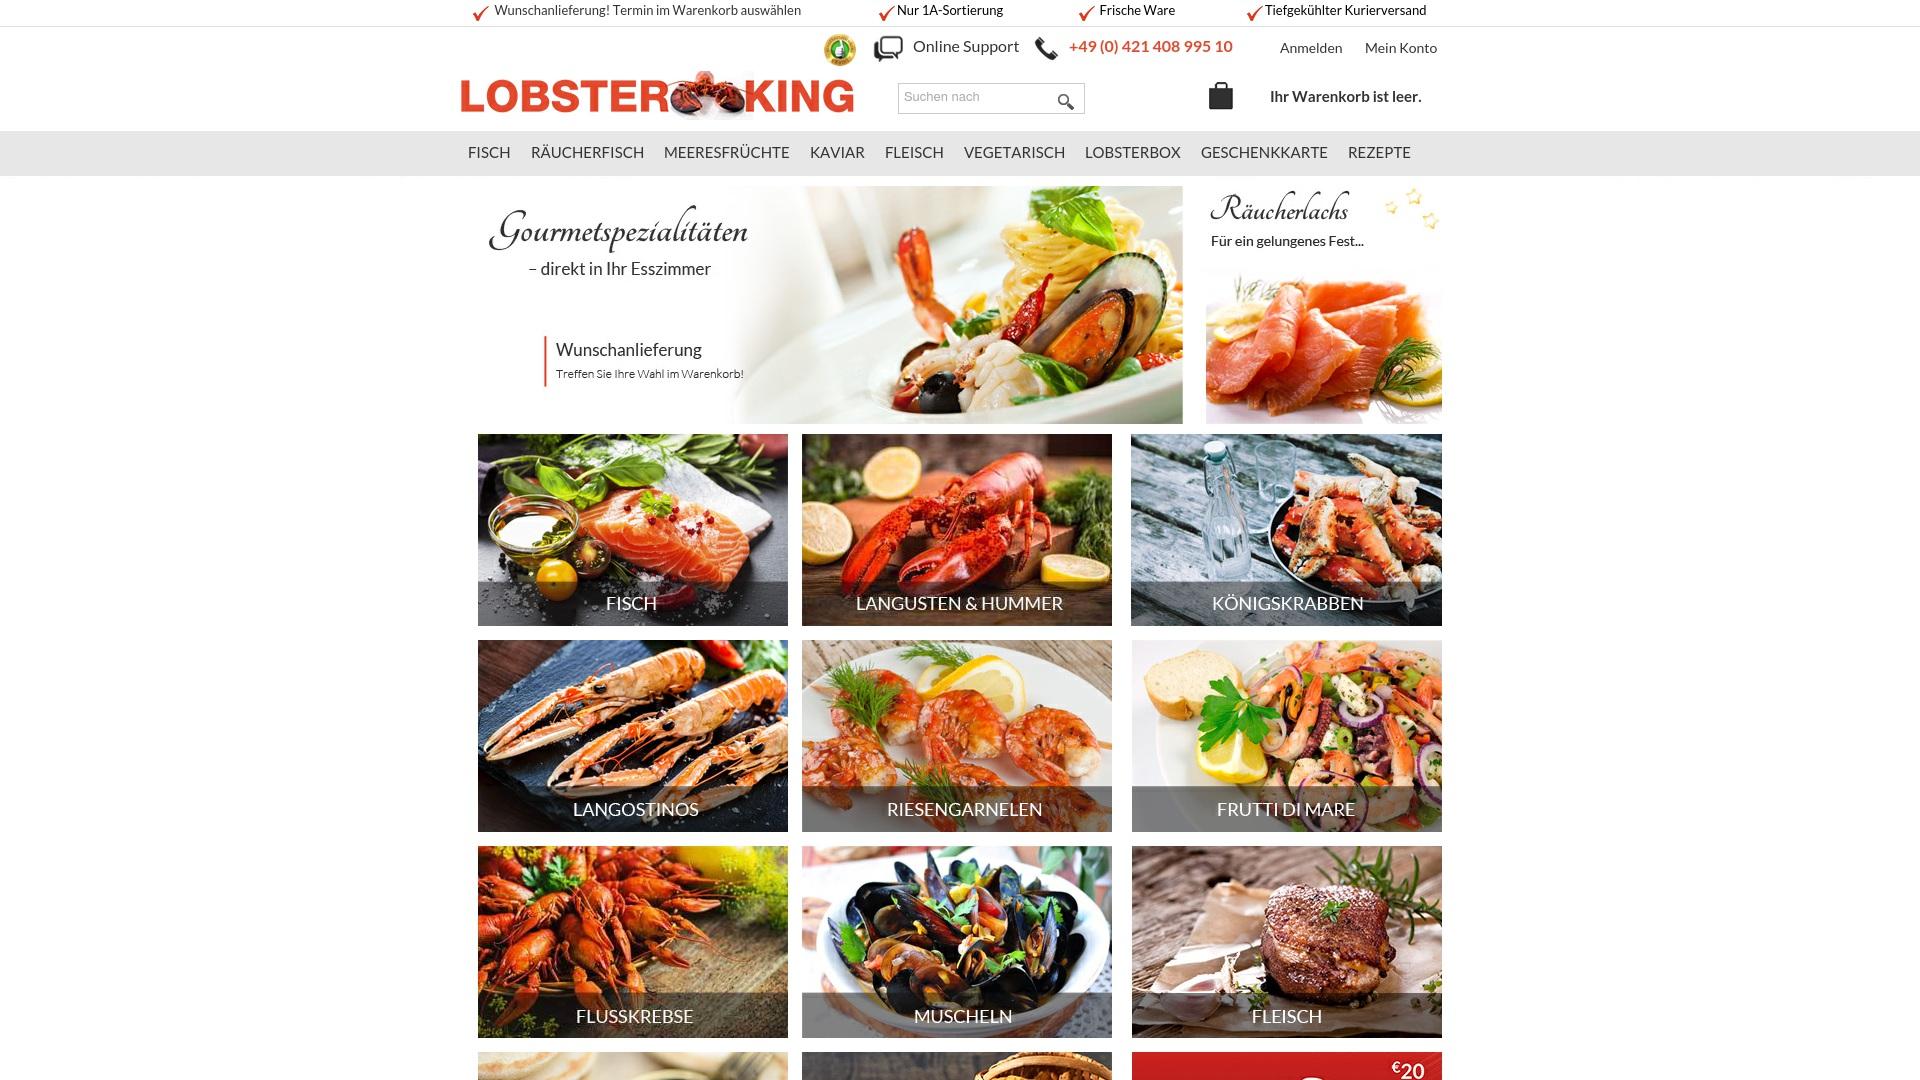 Gutschein für Lobsterking: Rabatte für  Lobsterking sichern